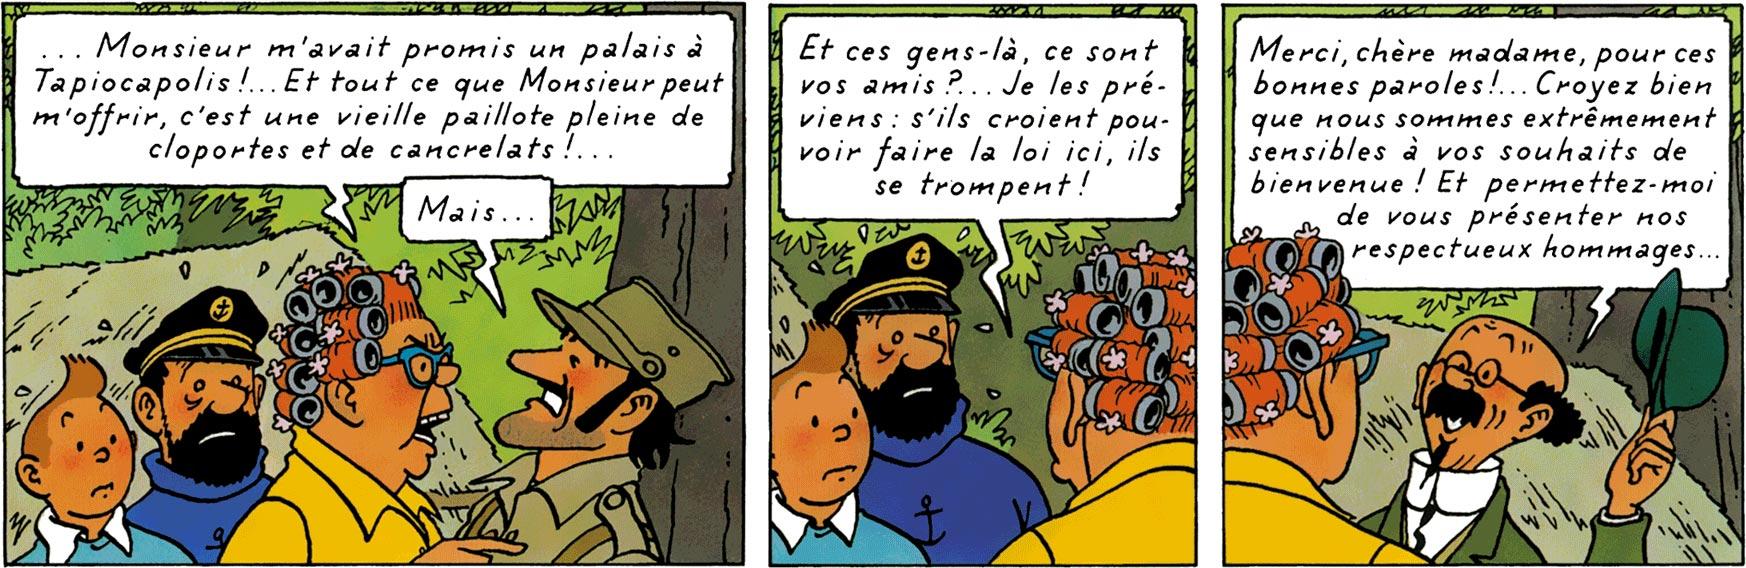 Peggy et Alcazar dans Tintin et les Picaros